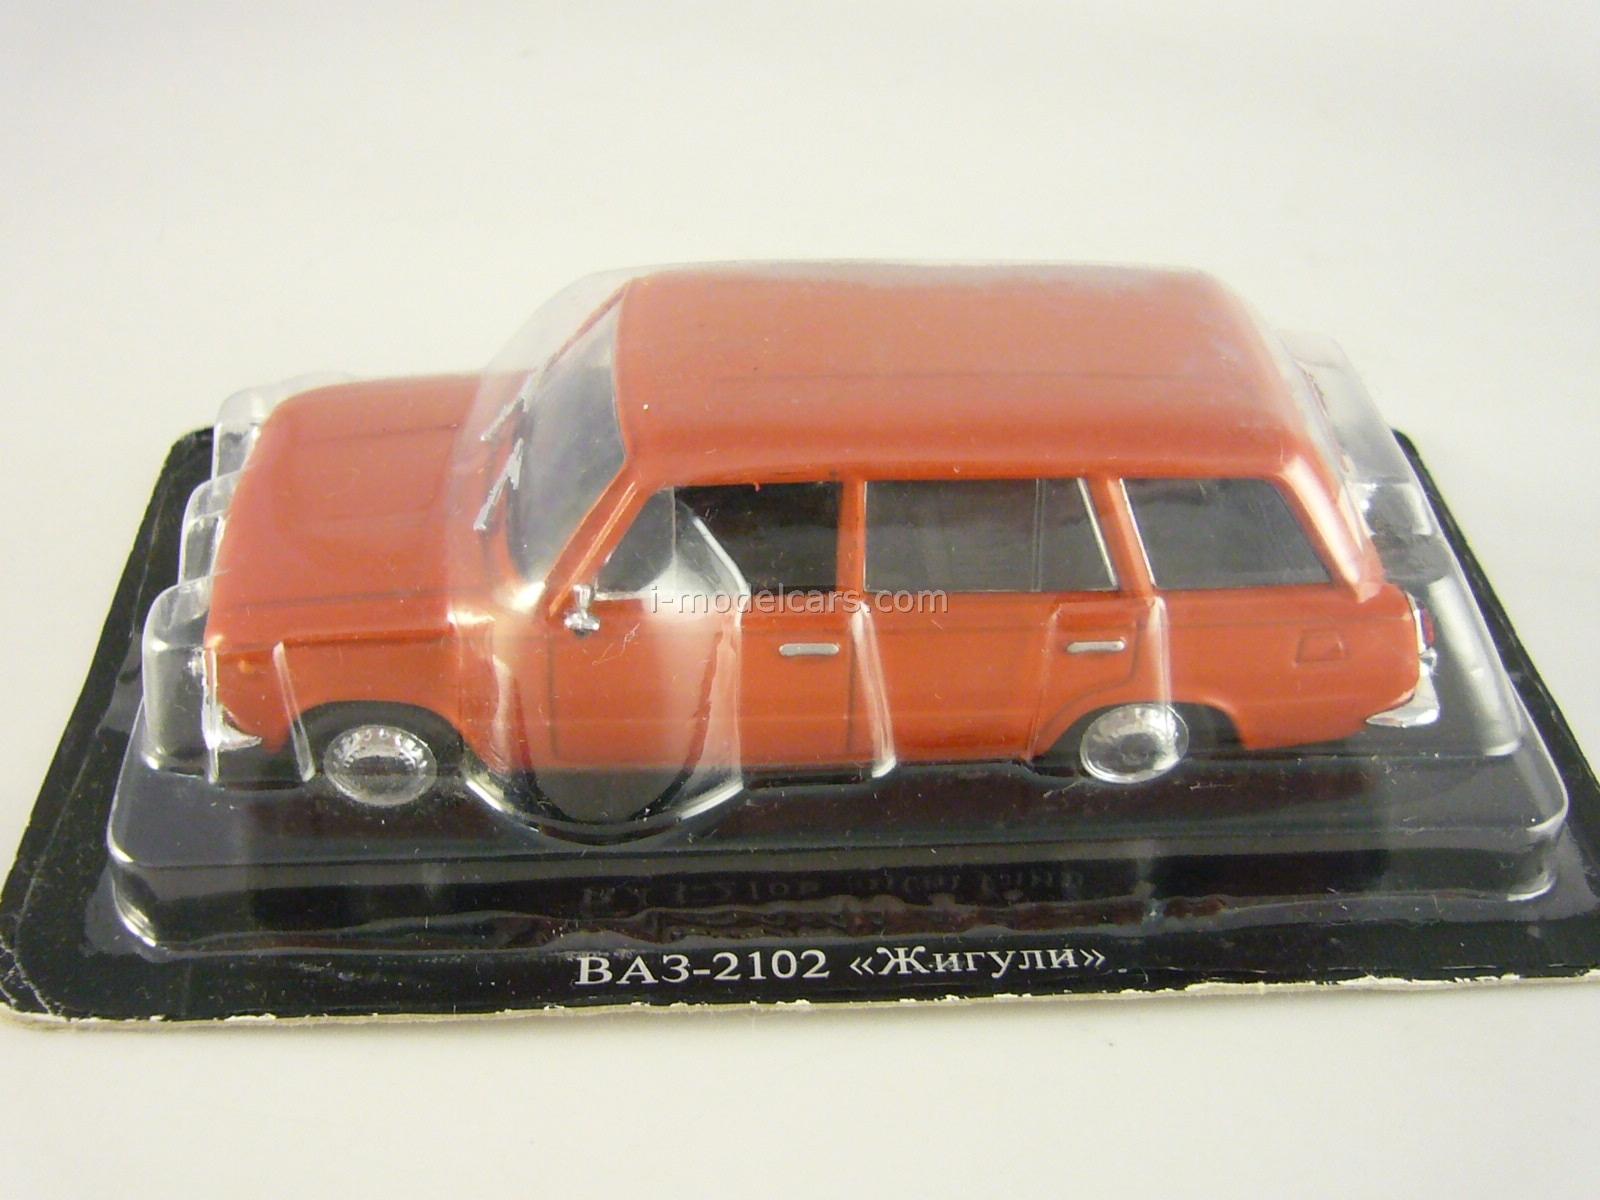 VAZ-2102 Lada red 1:43 DeAgostini Auto Legends USSR #14